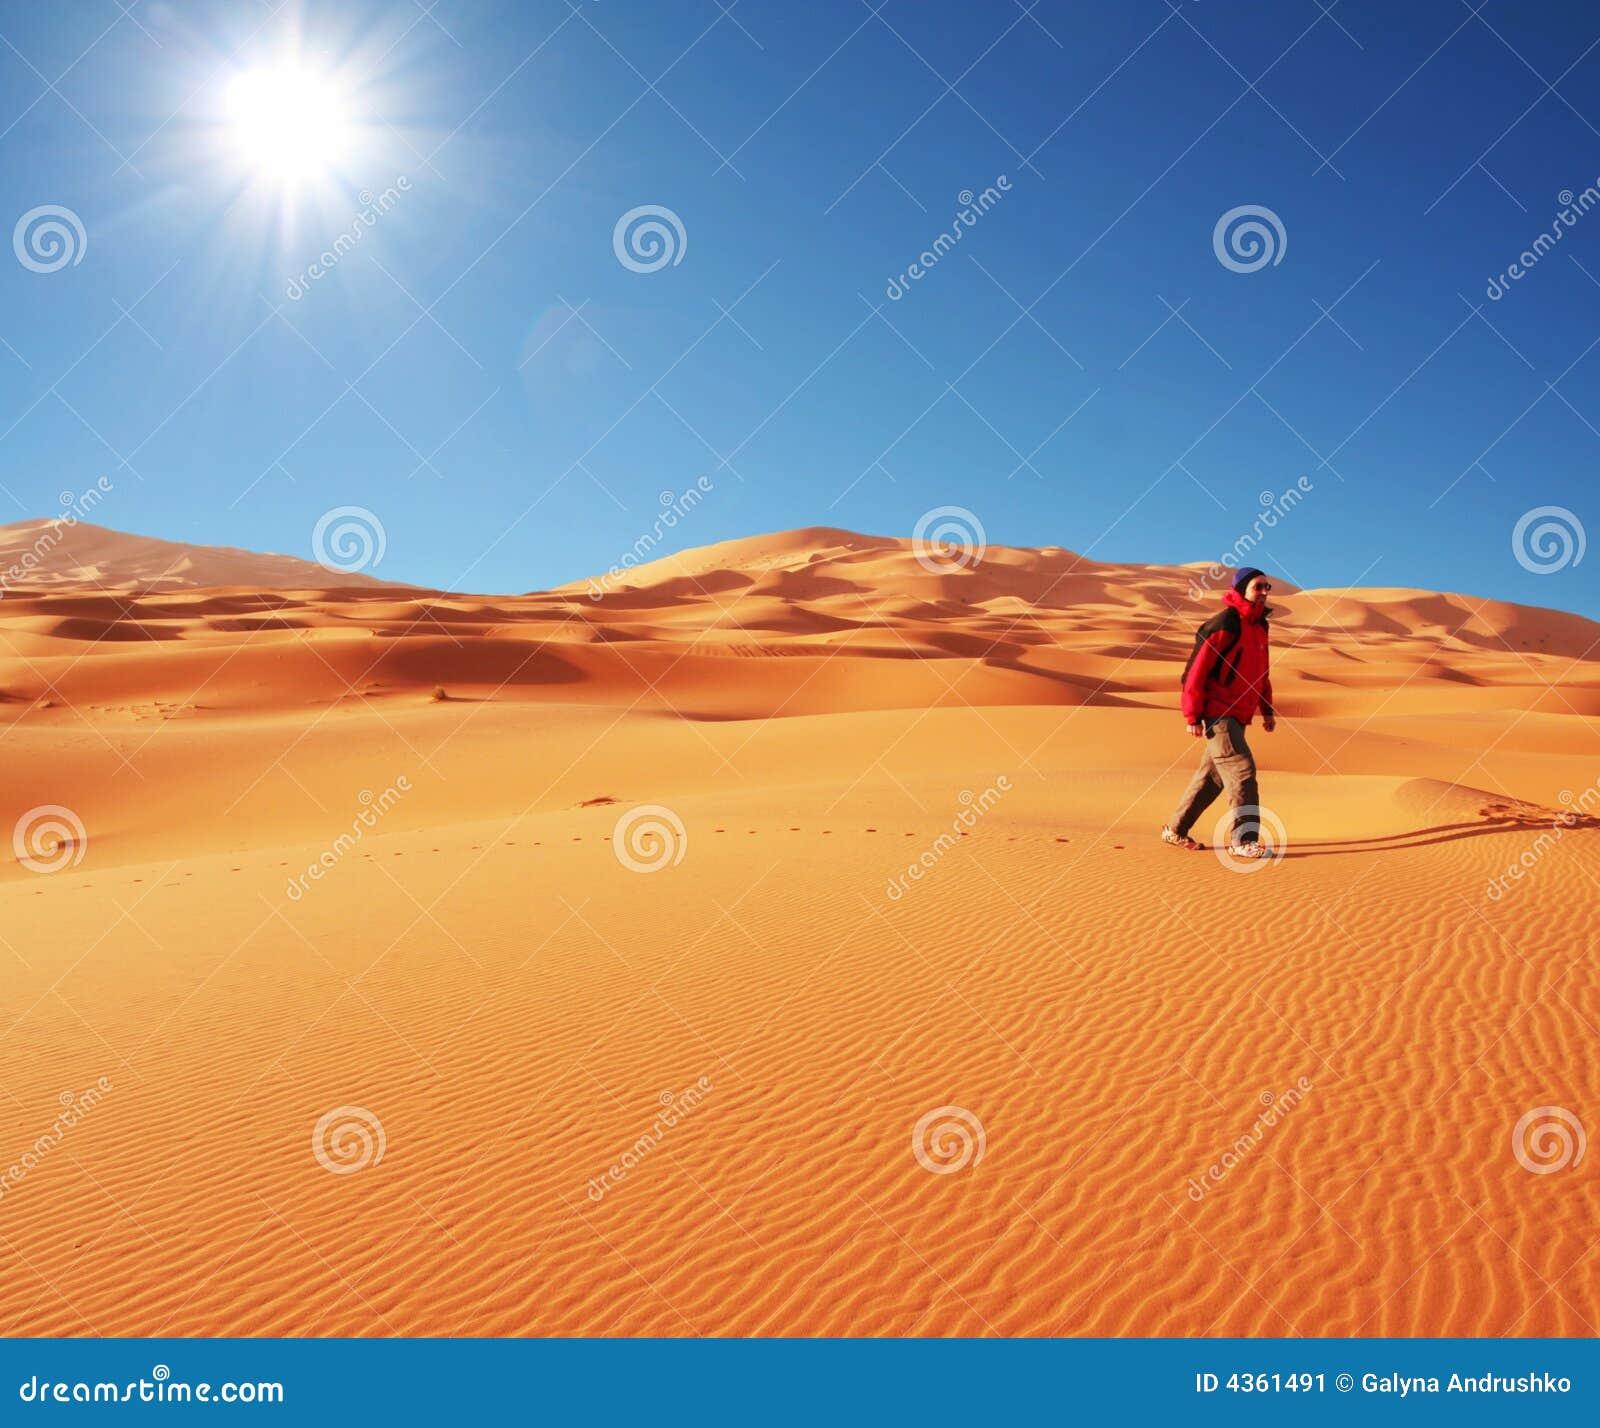 Wandeling in woestijn